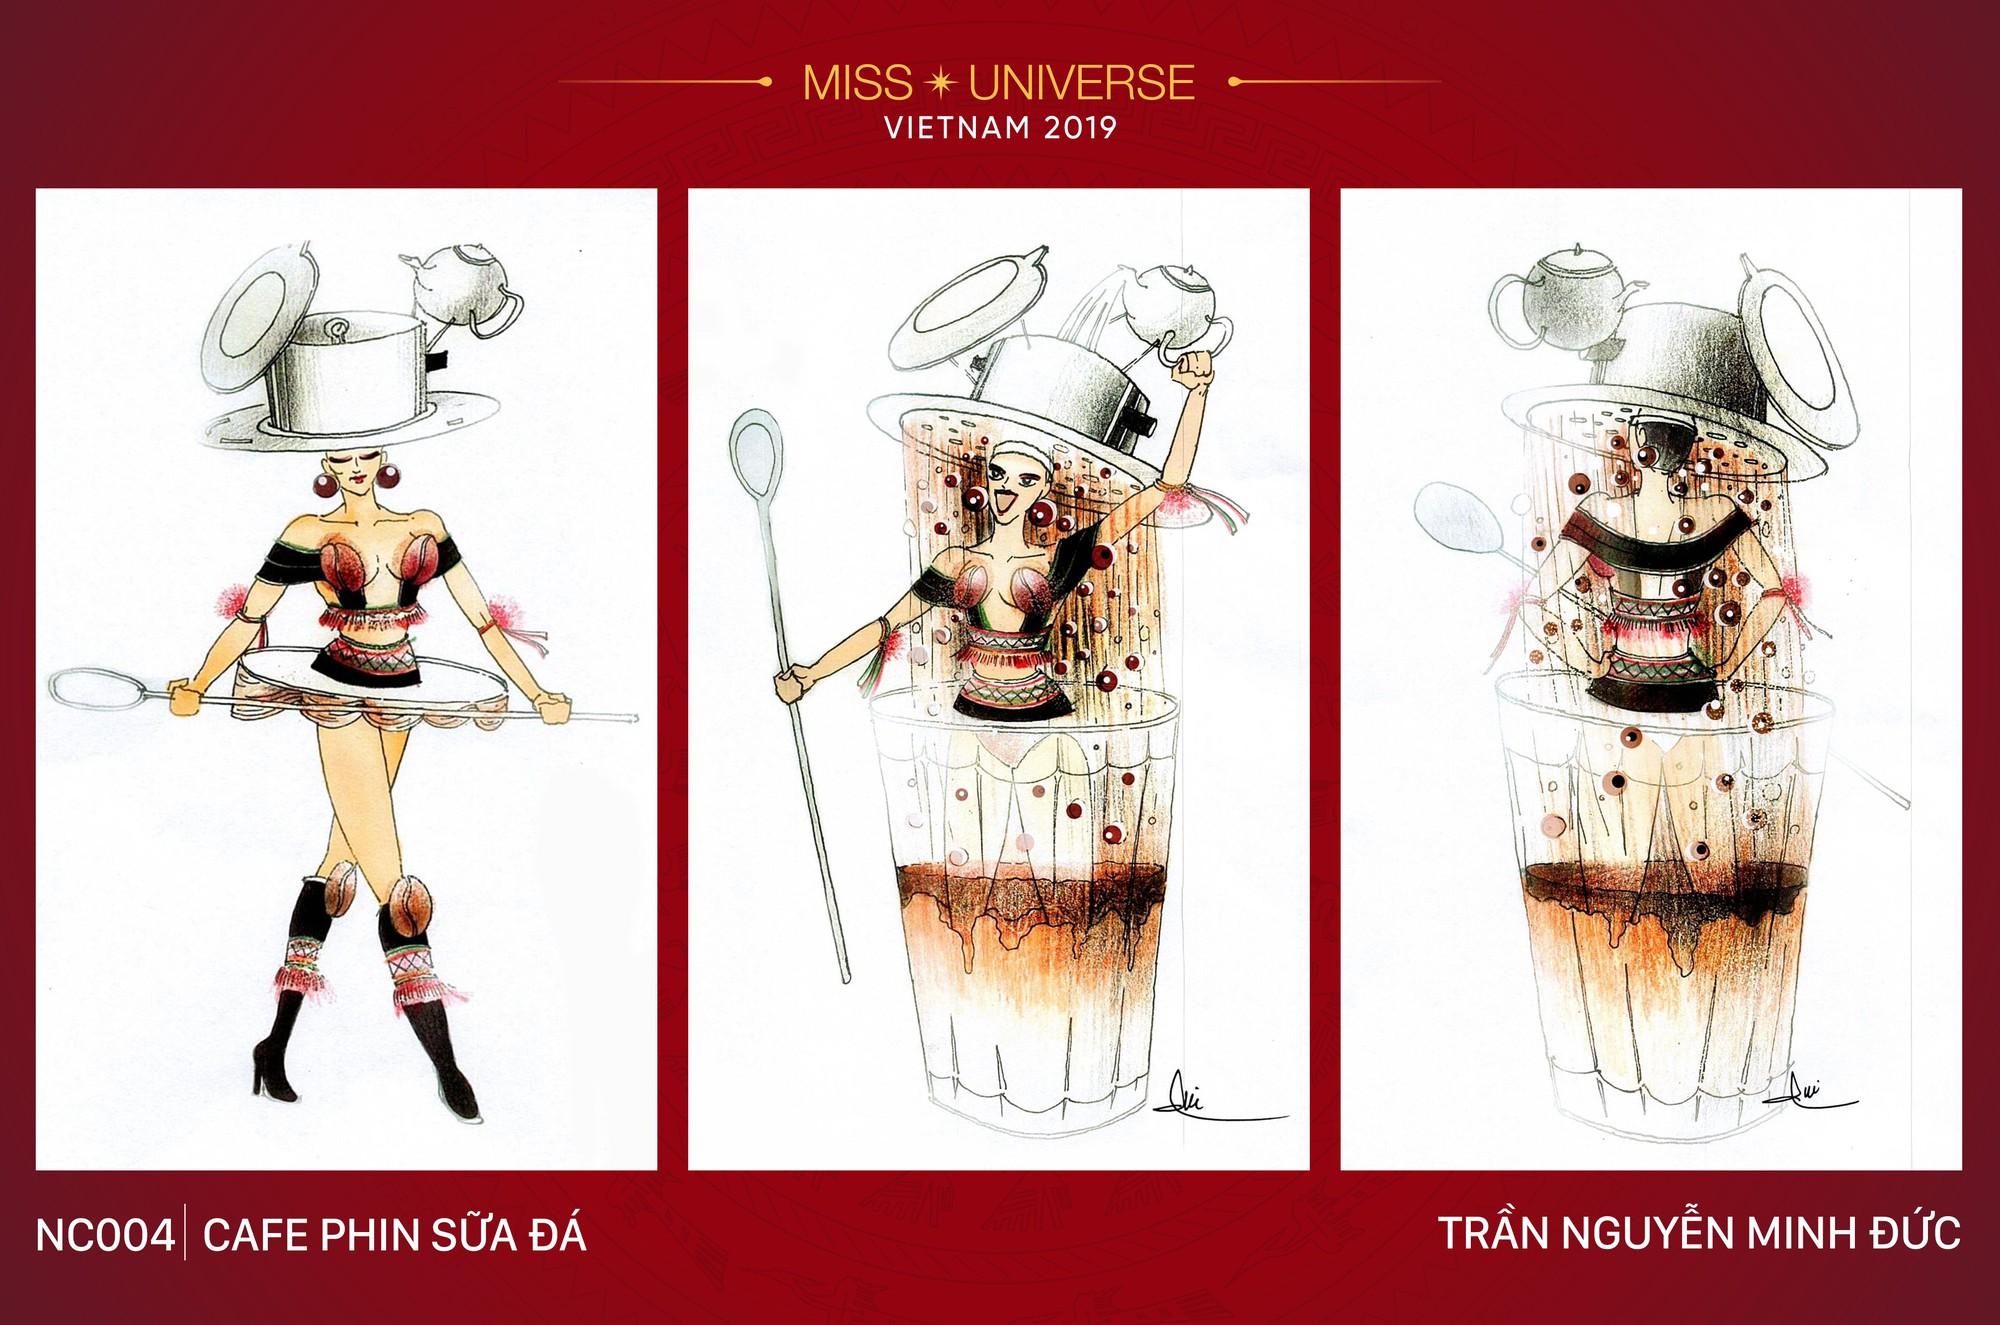 Xích lô, cà phê sữa đá, toà nhà 81 tầng trở thành cảm hứng cho trang phục dân tộc của Hoàng Thùy tại Miss Universe 2019 - Ảnh 4.